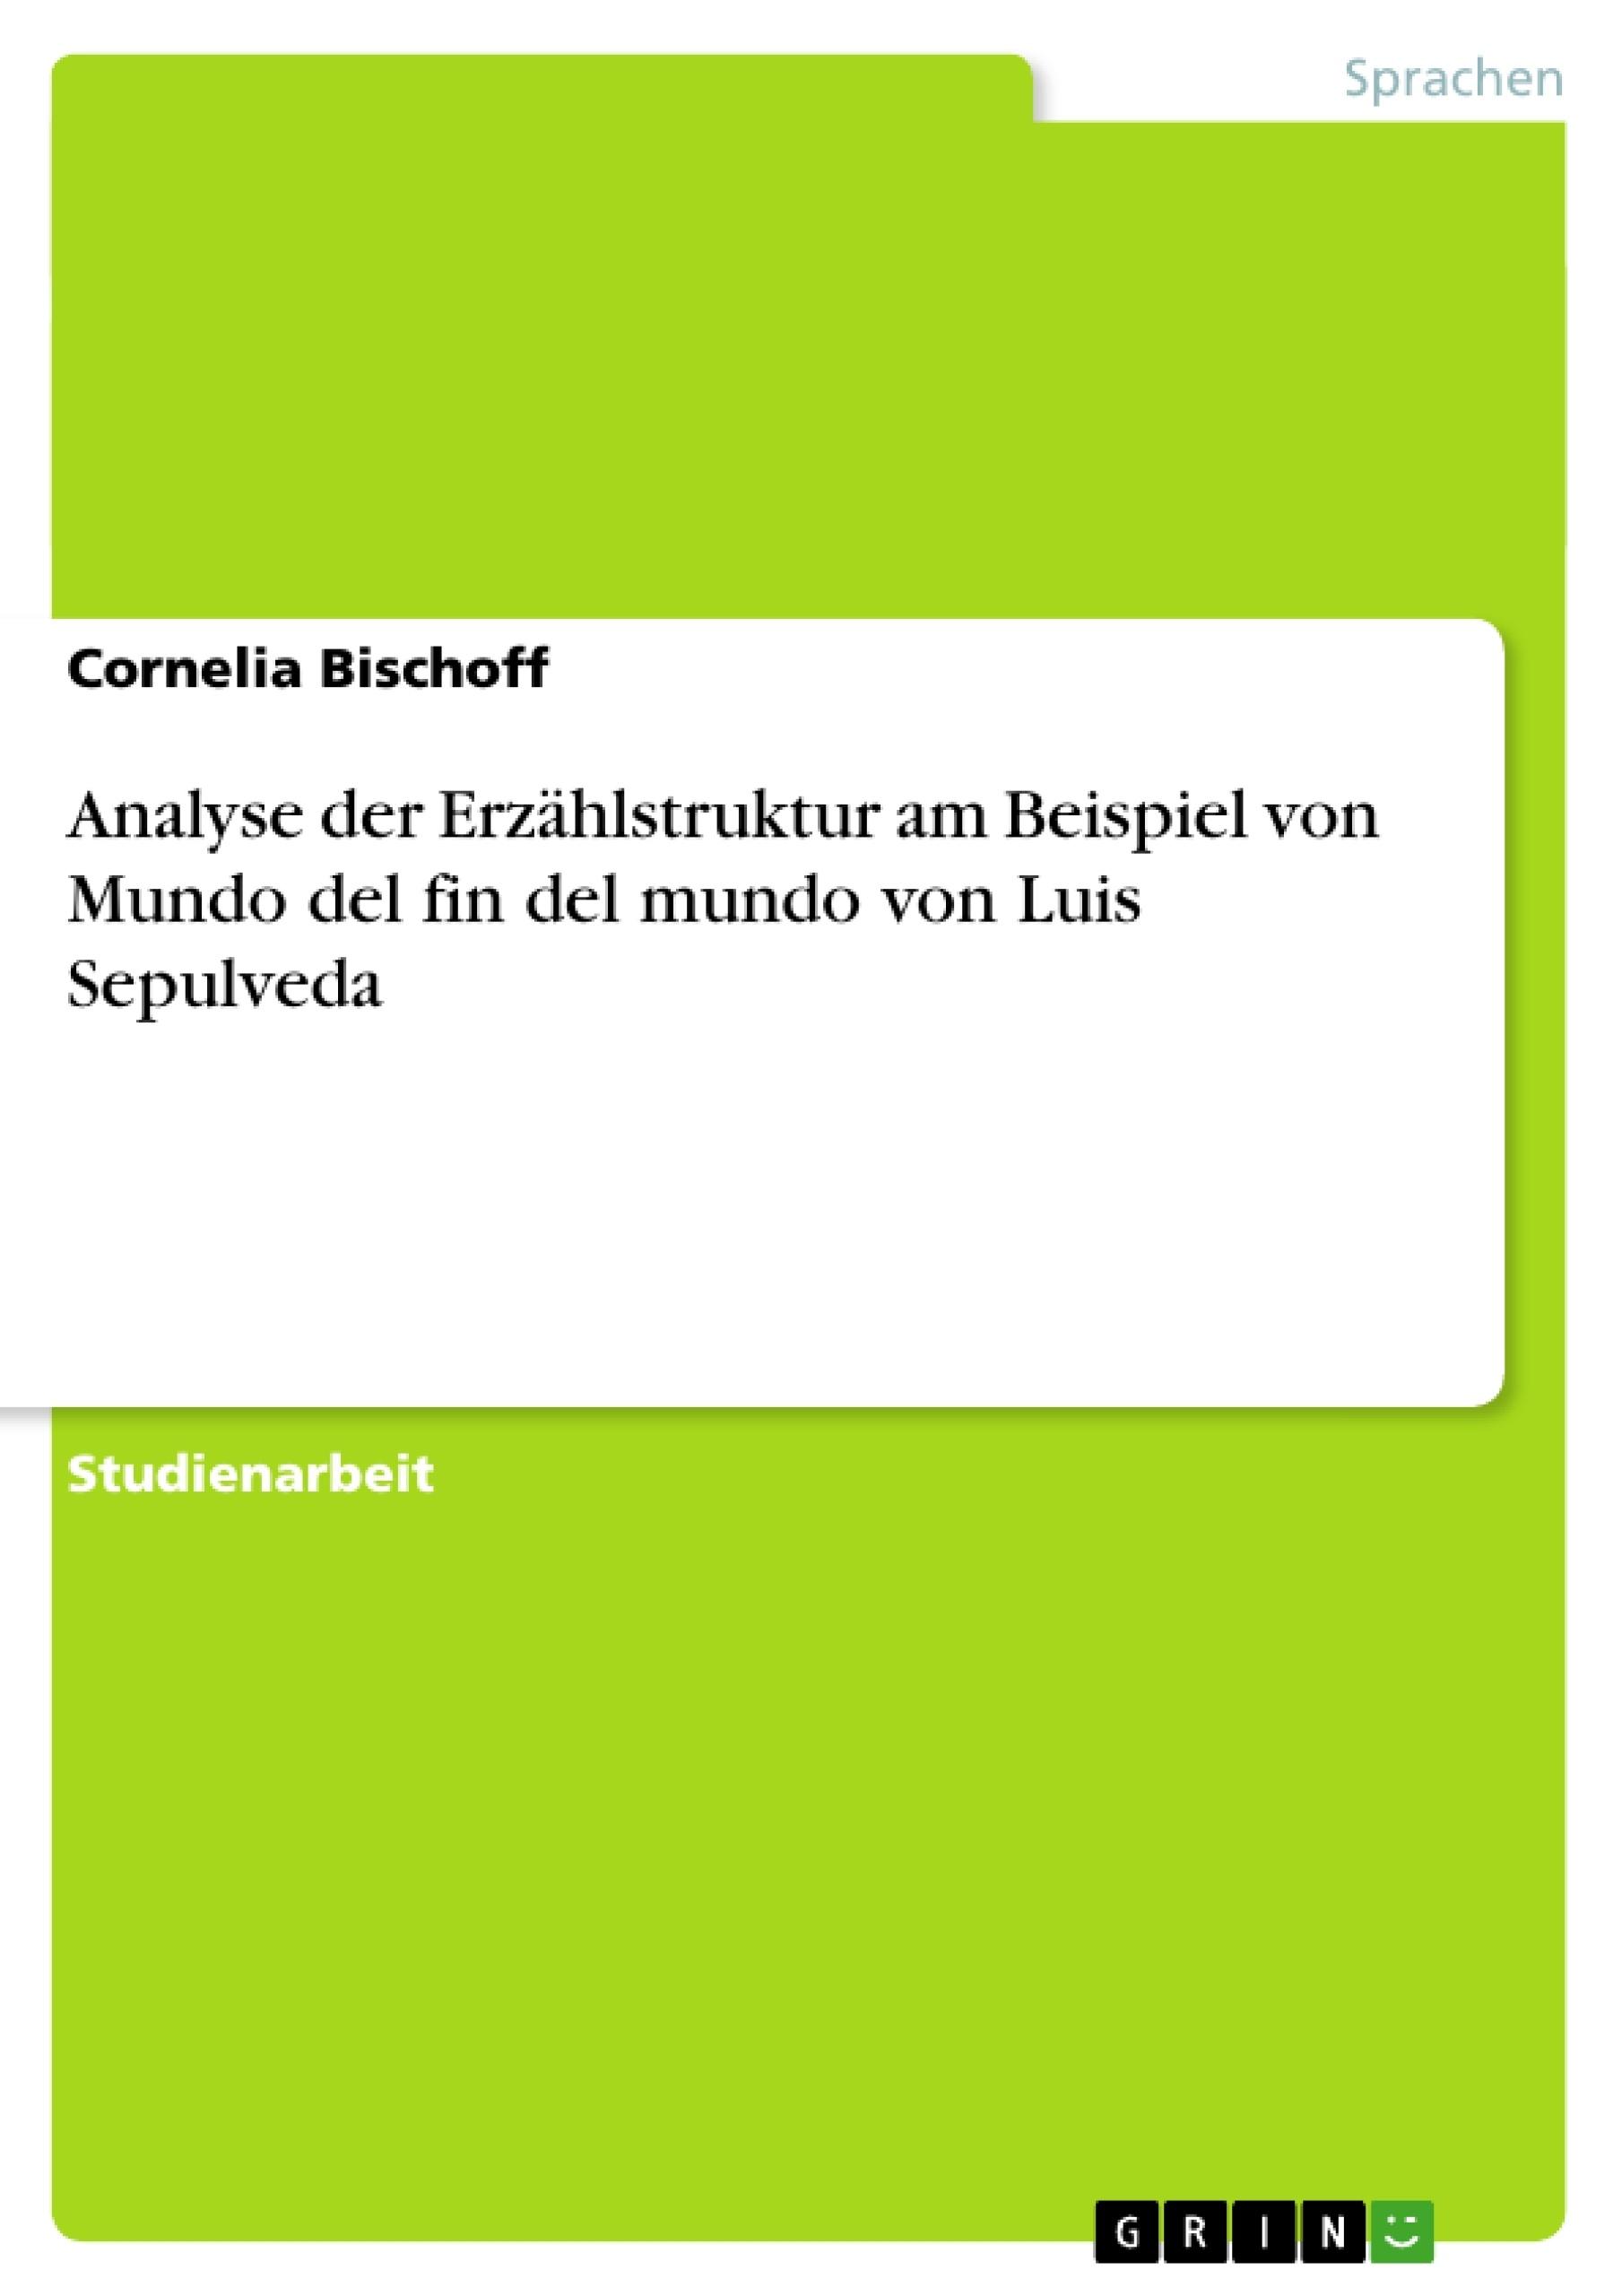 Titel: Analyse der Erzählstruktur am Beispiel von Mundo del fin del mundo von Luis Sepulveda